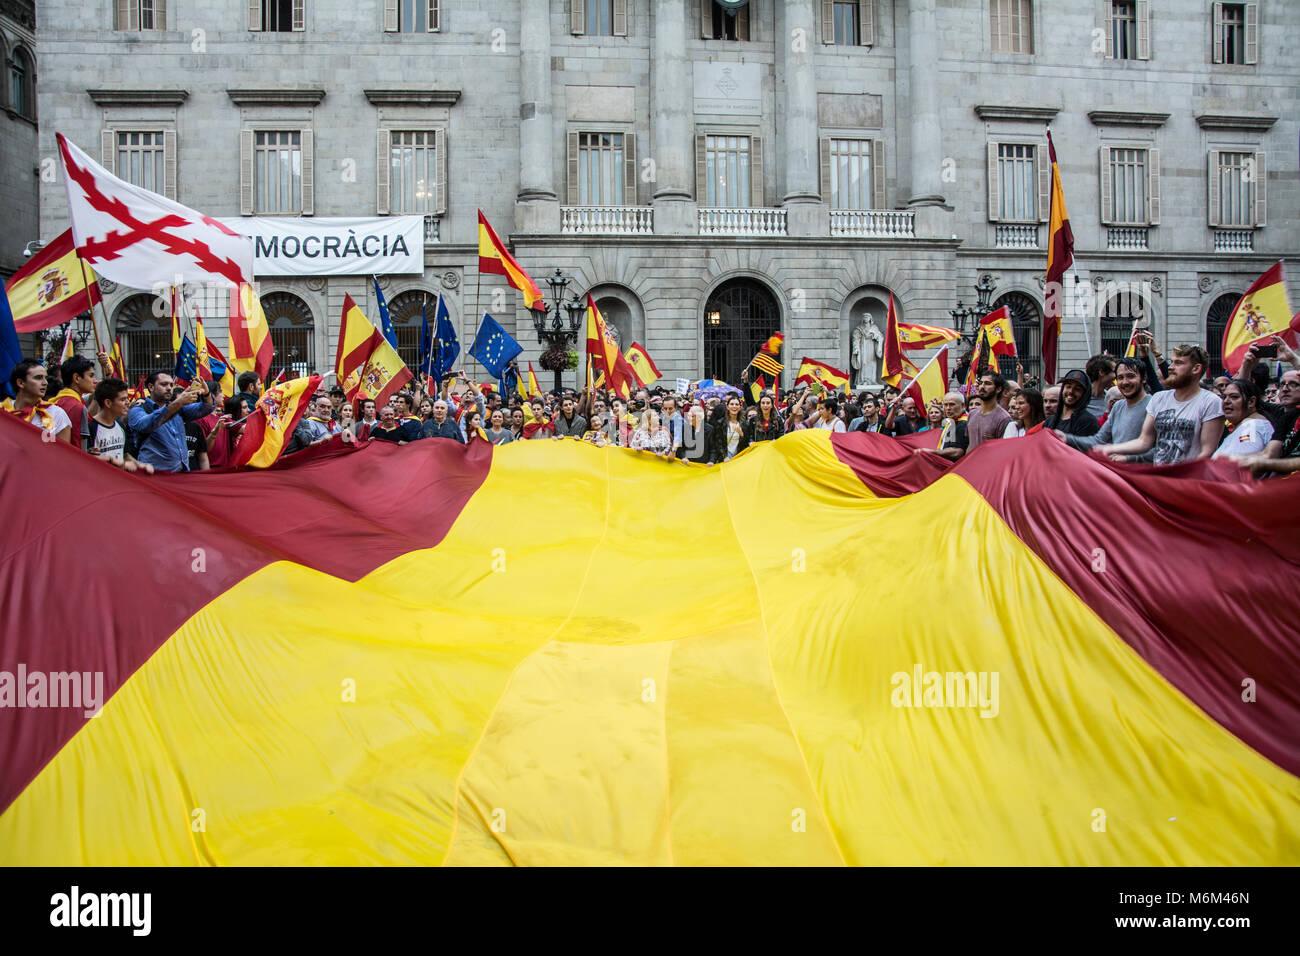 Concentración por la unidad de España en la plaza Sant Jaume en Barcelona con motivo del referéndum Immagini Stock